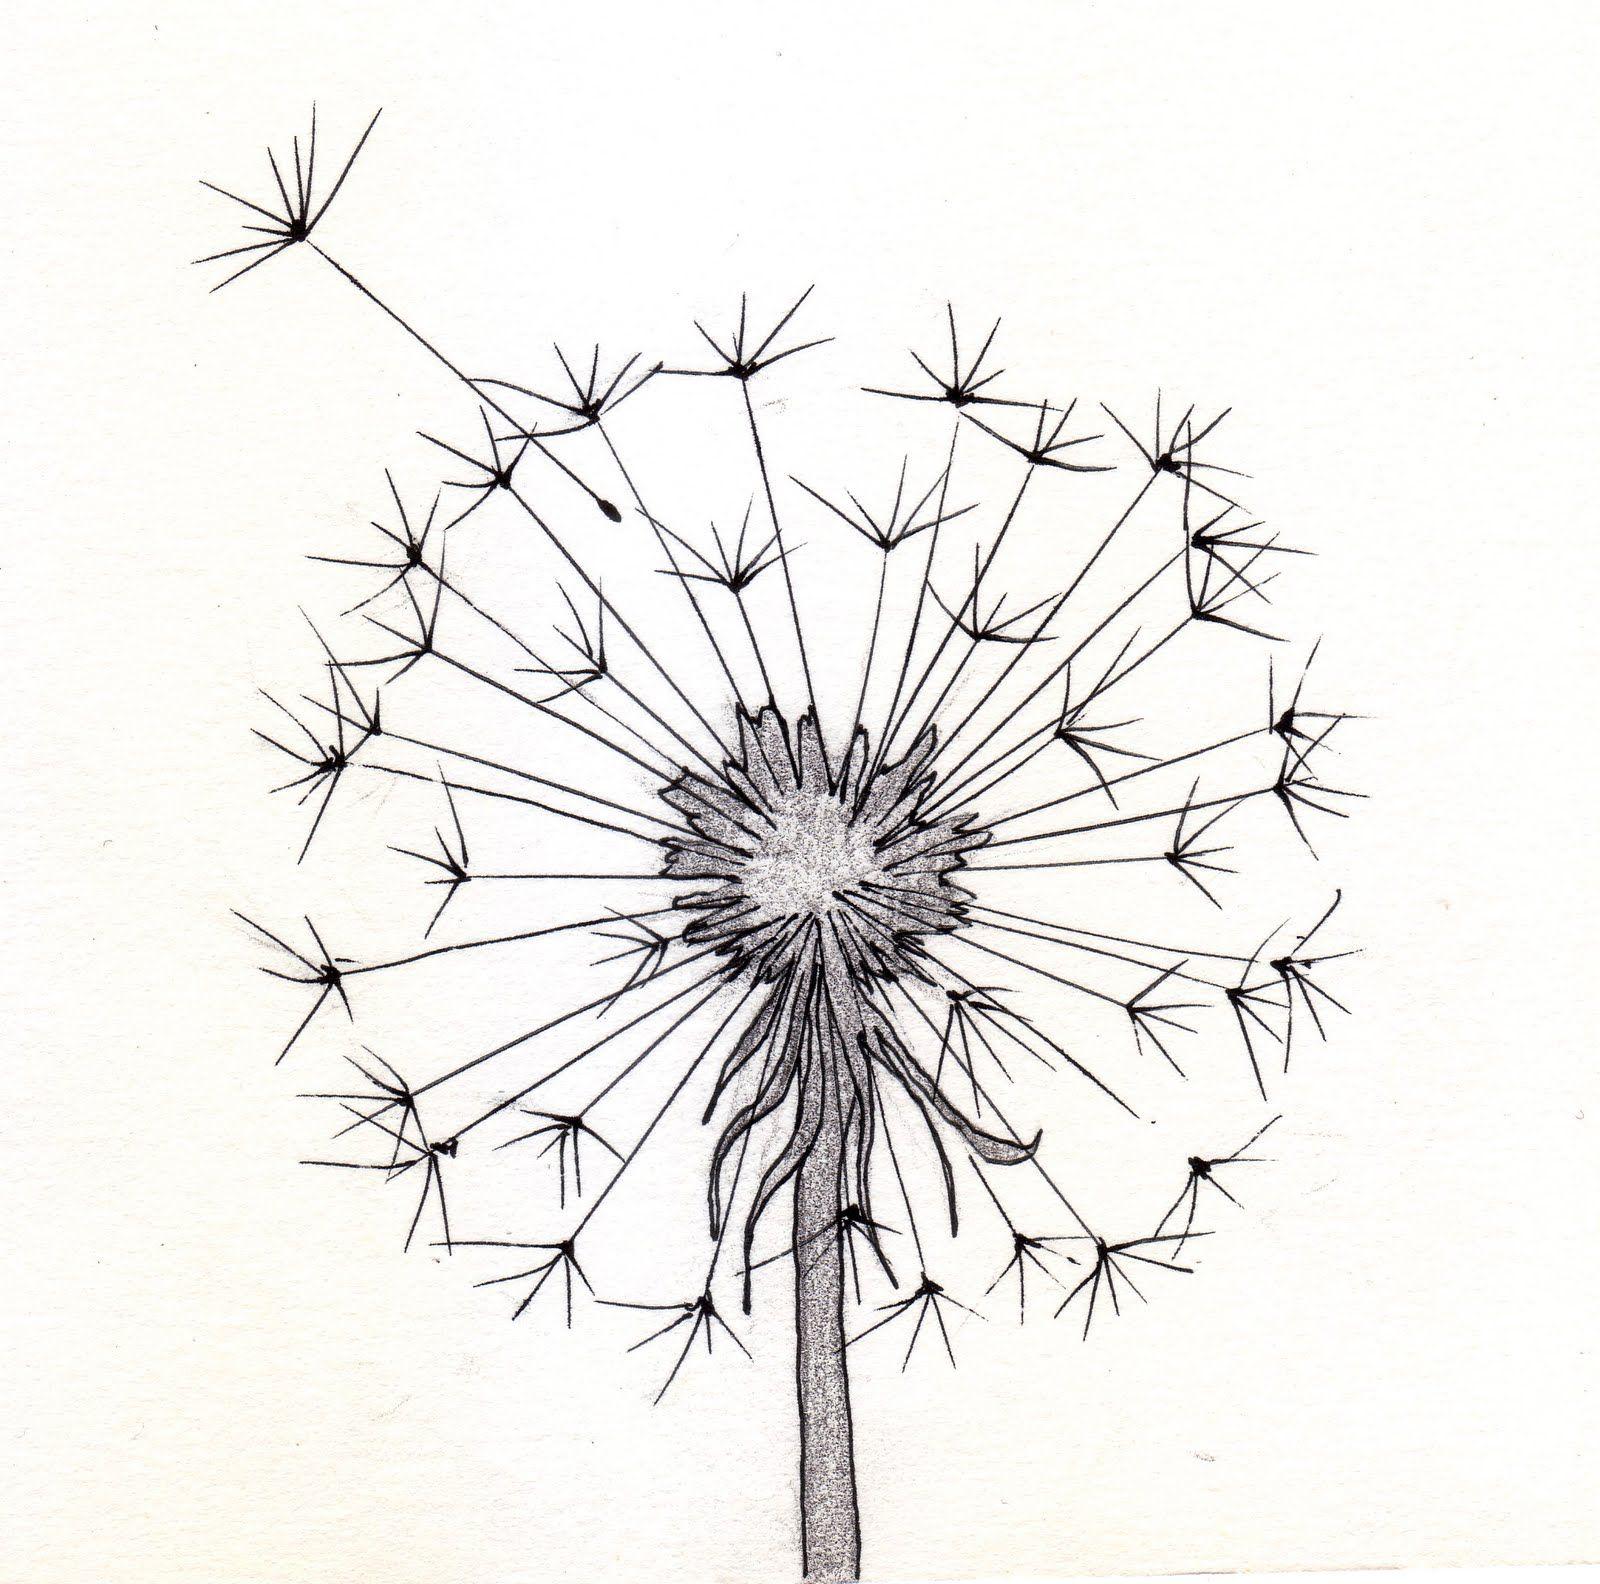 Dandelion Sketch